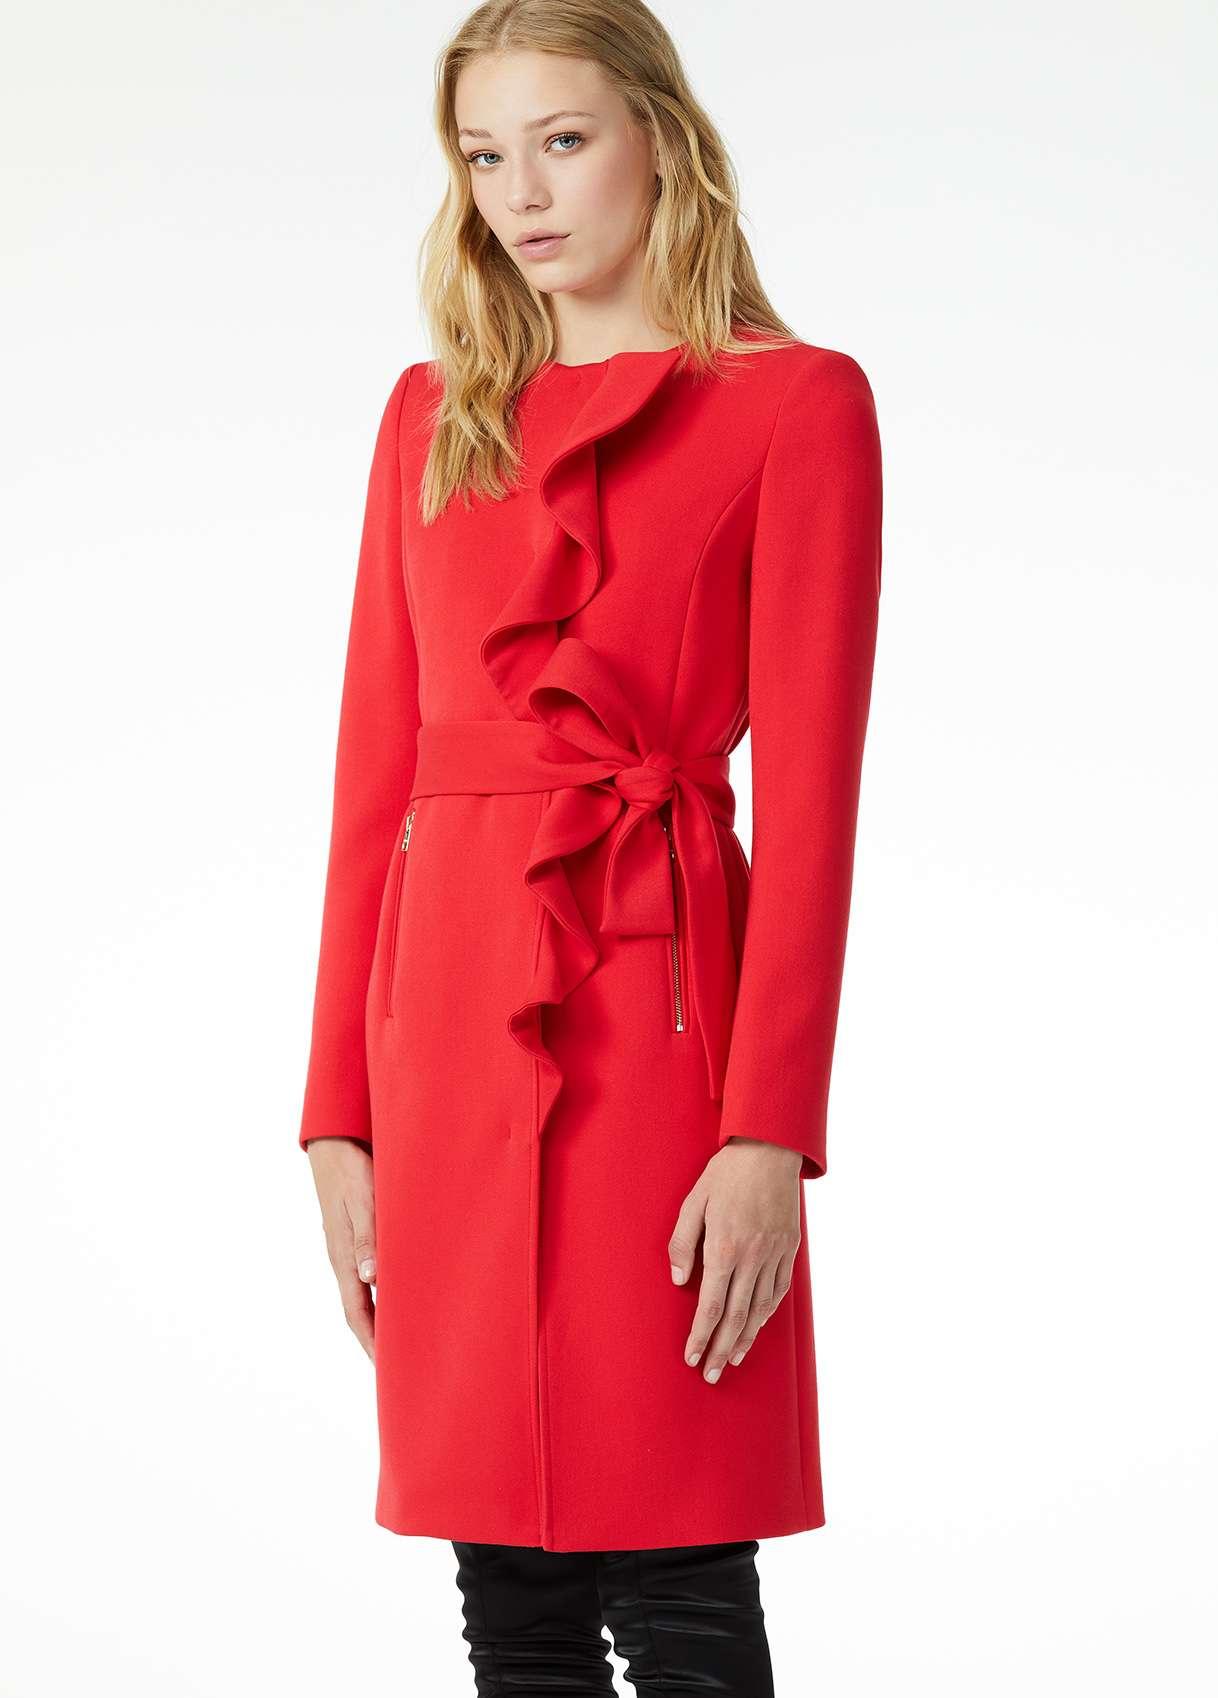 Cappotto rosso elegante Liu Jo a 339 euro